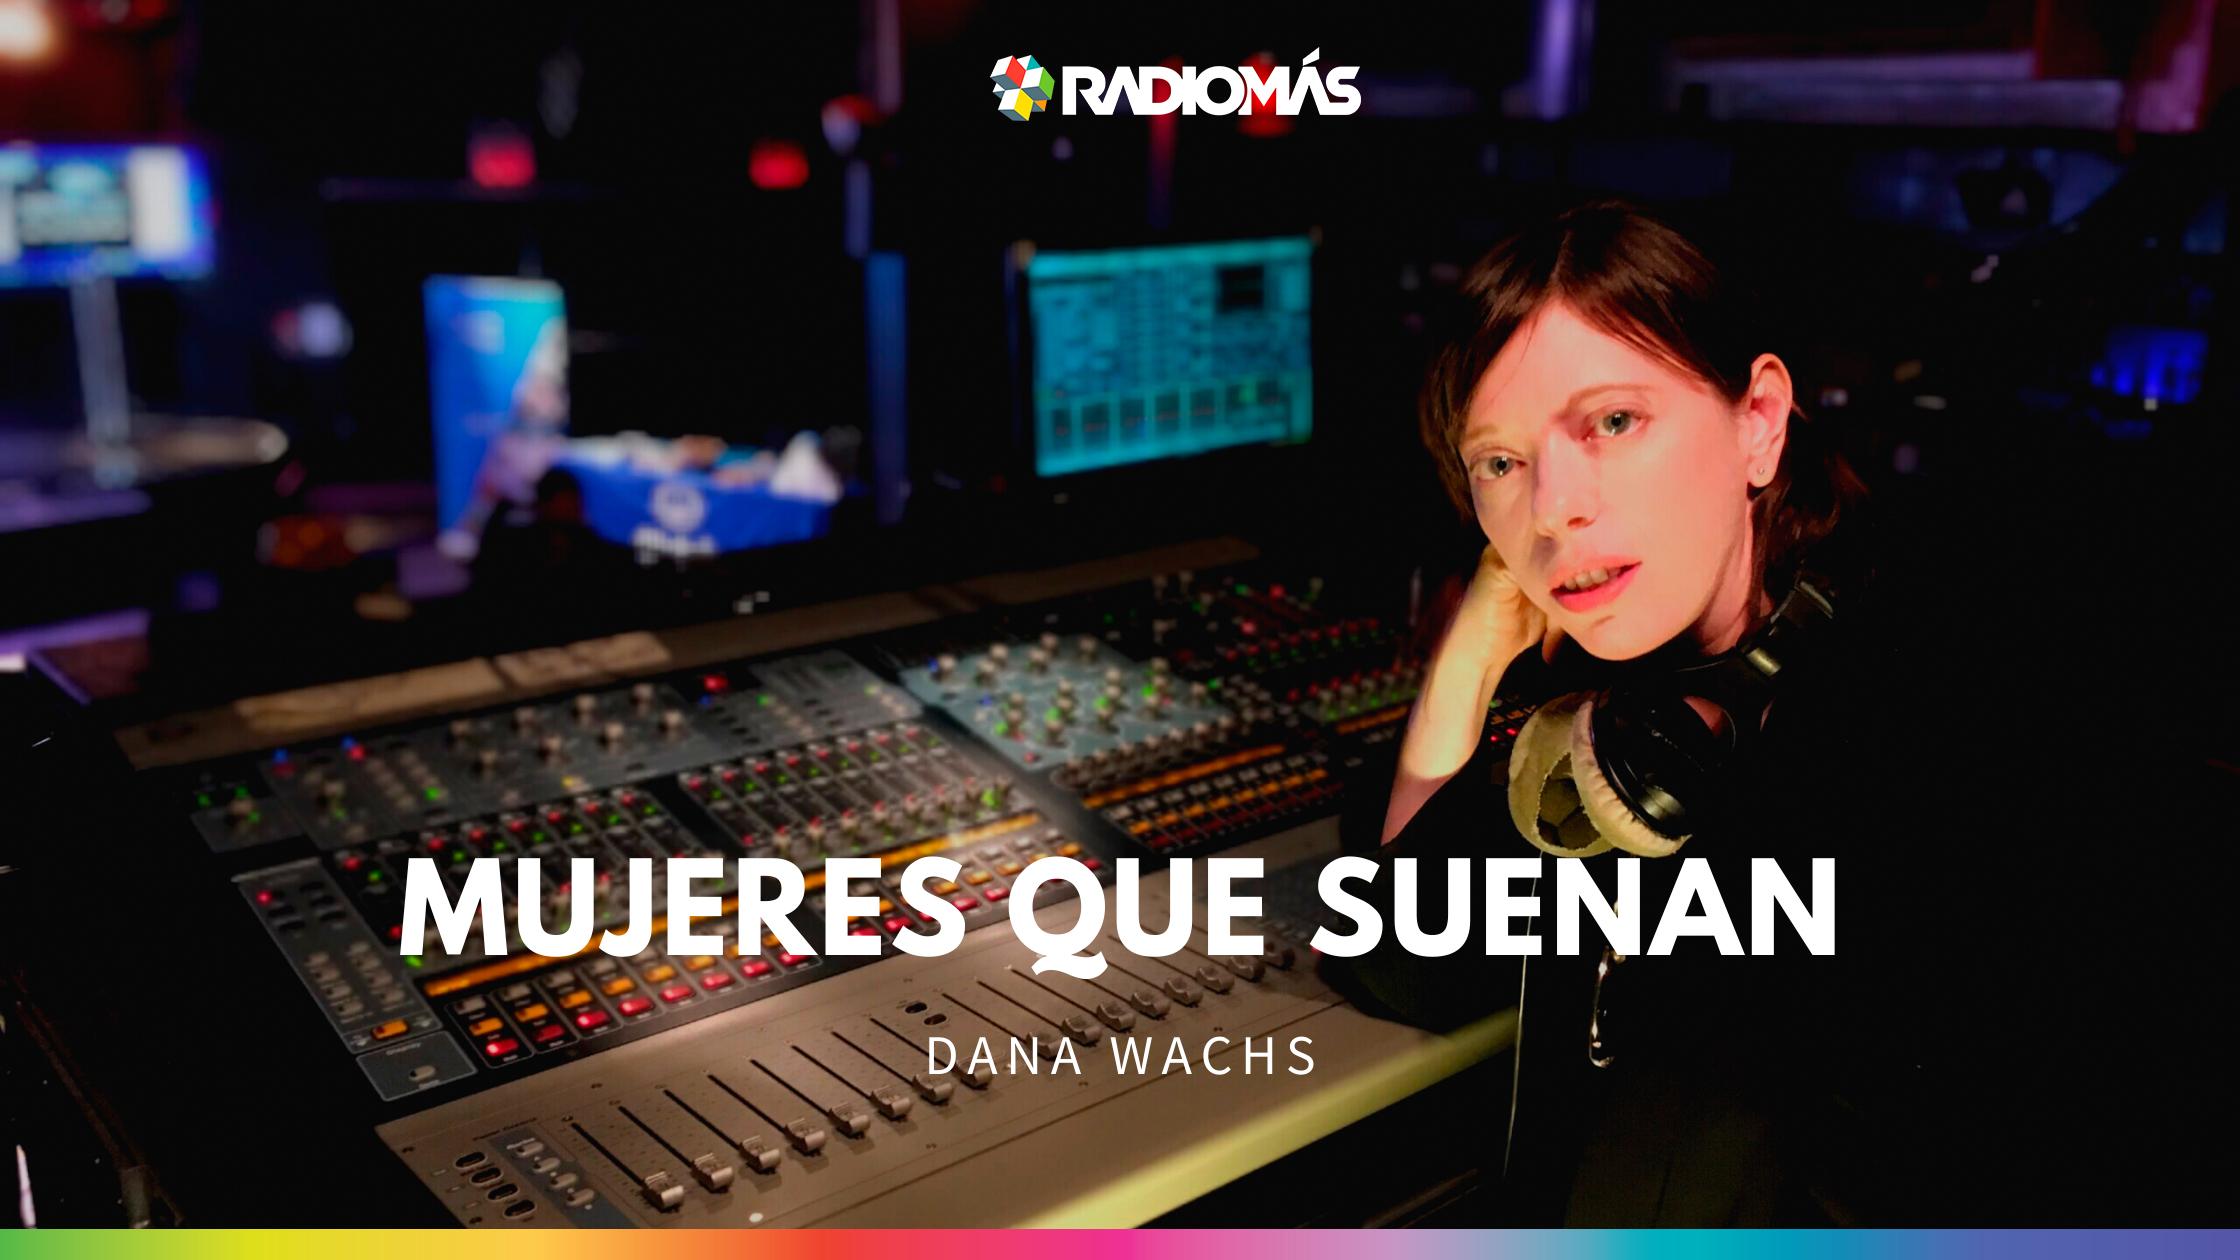 Dana Wachs, la ingeniera de sonido detrás de grandes bandas.